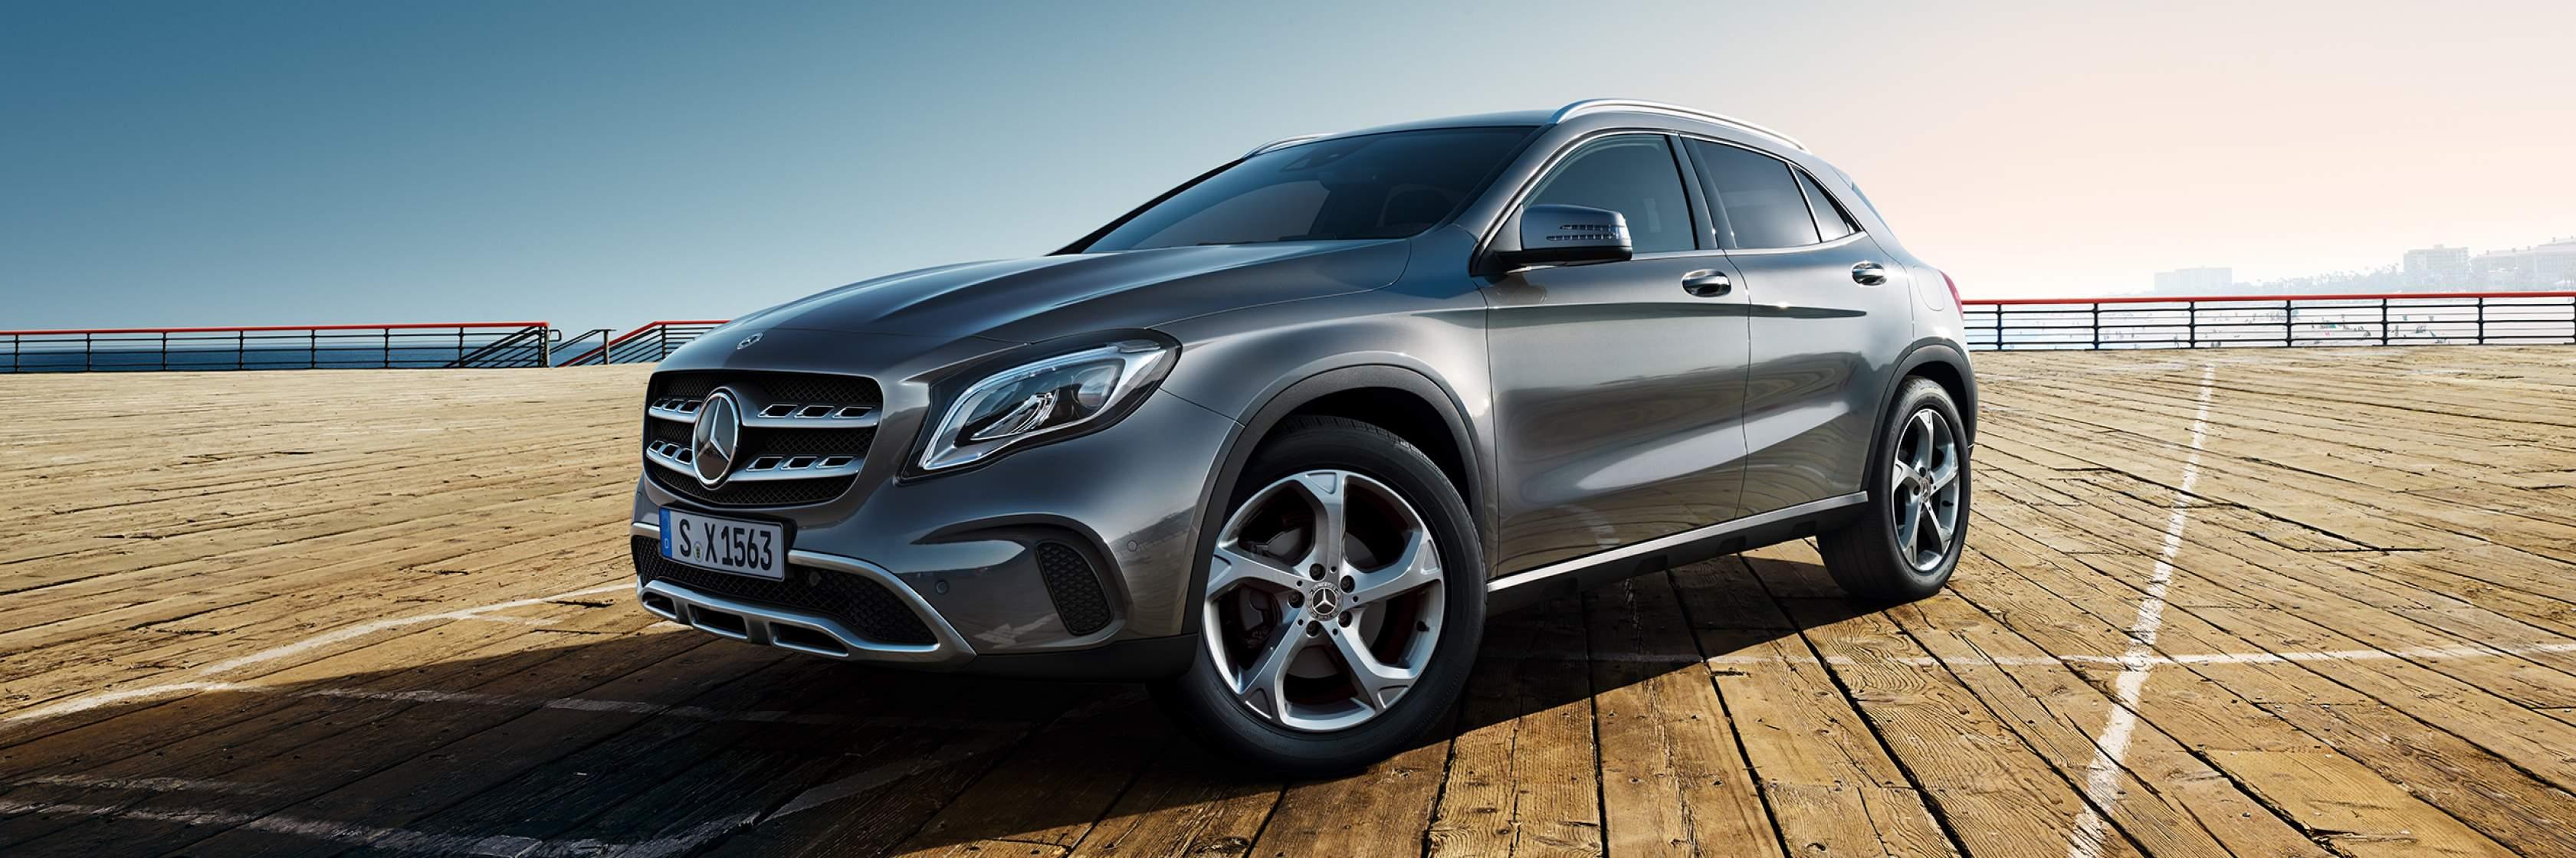 Интерьер и экстерьер Mercedes-Benz GLA